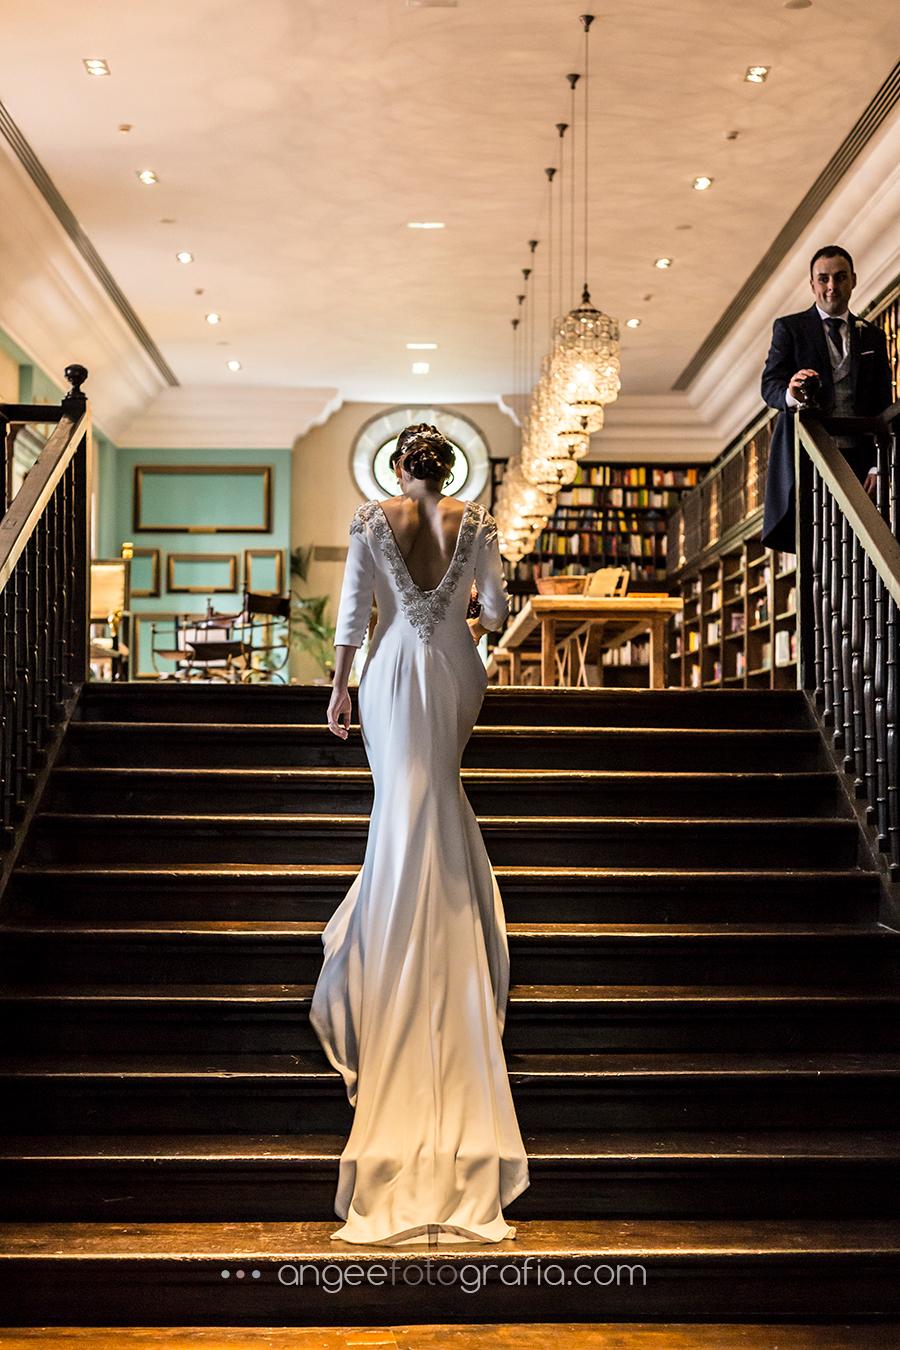 Fotos de recién casados en la boda de Ana y Bruno en el Parador Monasterio de Corias escalera de la Biblioteca Ana y Bruno angeefotografia.com